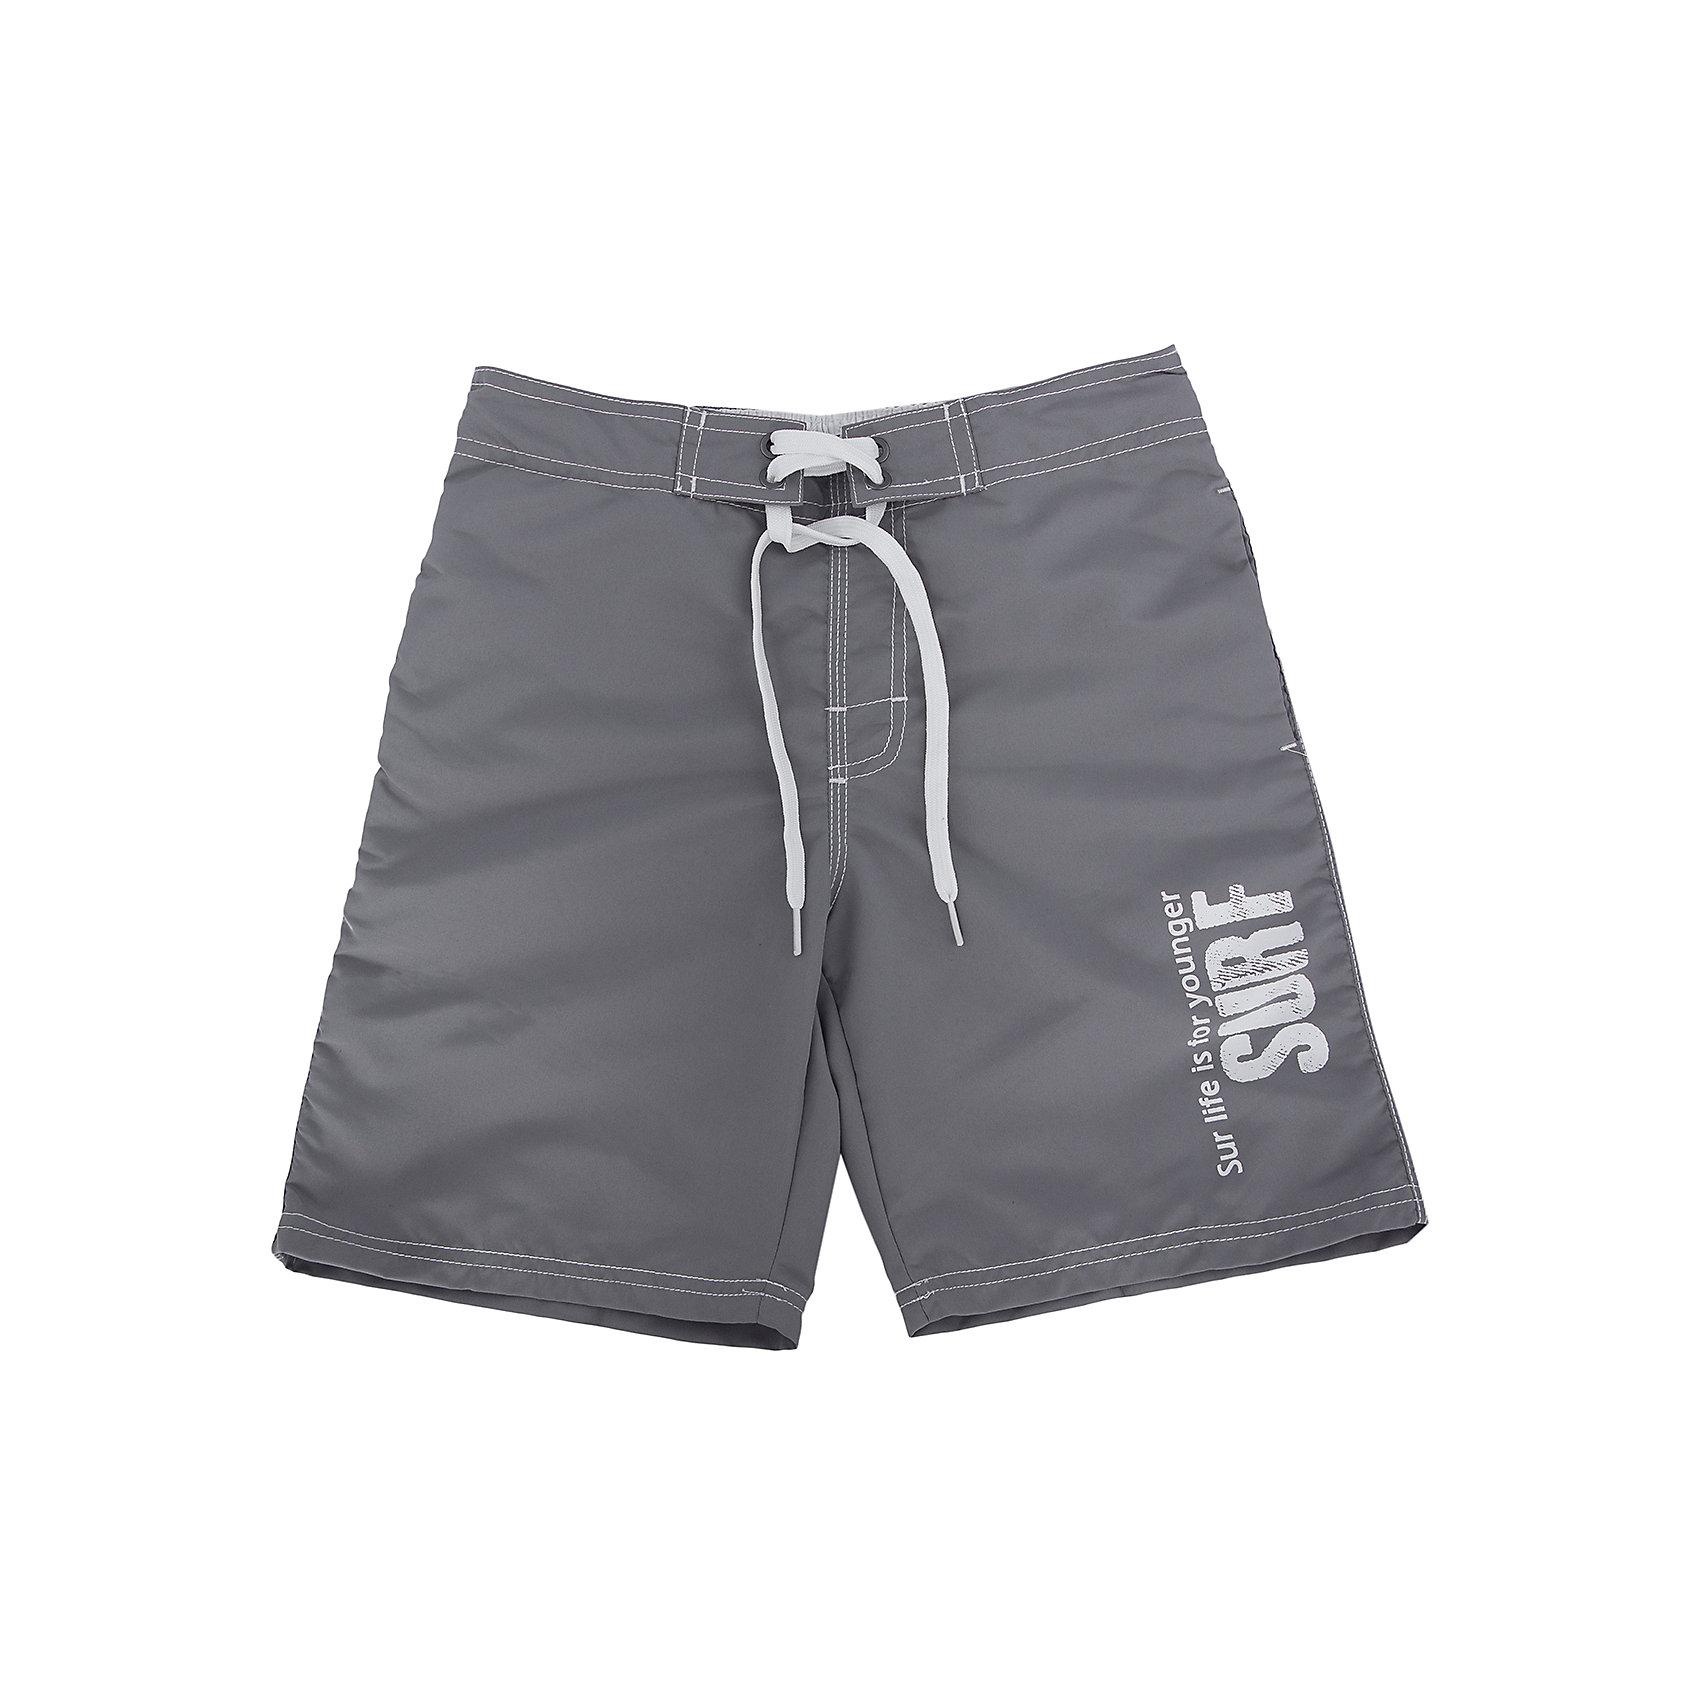 Шорты для мальчика SELAШорты, бриджи, капри<br>Стильные шорты для мальчика от популярного бренда SELA. Изделие предназначено для плавания и активного отдыха на пляже и обладает следующими особенностями:<br>- серый цвет, контрастная отделка;<br>- легкий быстросохнущий материал, устойчивый к агрессивным внешним воздействиям (солнце, песок, галька, соль и т.п.);<br>- пояс на резинке;<br>- вентиляционные отверстия для свободной циркуляции воздуха;<br>- внутри плавки из белой сетки;<br>- удобные карманы;<br>- привлекательный дизайн;<br>- комфортный крой.<br>Прекрасный выбор для пляжного отдыха!<br><br>Дополнительная информация:<br>- состав: 100% полиэстер<br>- цвет: серый + белый<br><br>Шорты для мальчика SELA можно купить в нашем магазине<br><br>Ширина мм: 191<br>Глубина мм: 10<br>Высота мм: 175<br>Вес г: 273<br>Цвет: серый<br>Возраст от месяцев: 132<br>Возраст до месяцев: 144<br>Пол: Мужской<br>Возраст: Детский<br>Размер: 152,116,122,128,134,140,146<br>SKU: 4742003